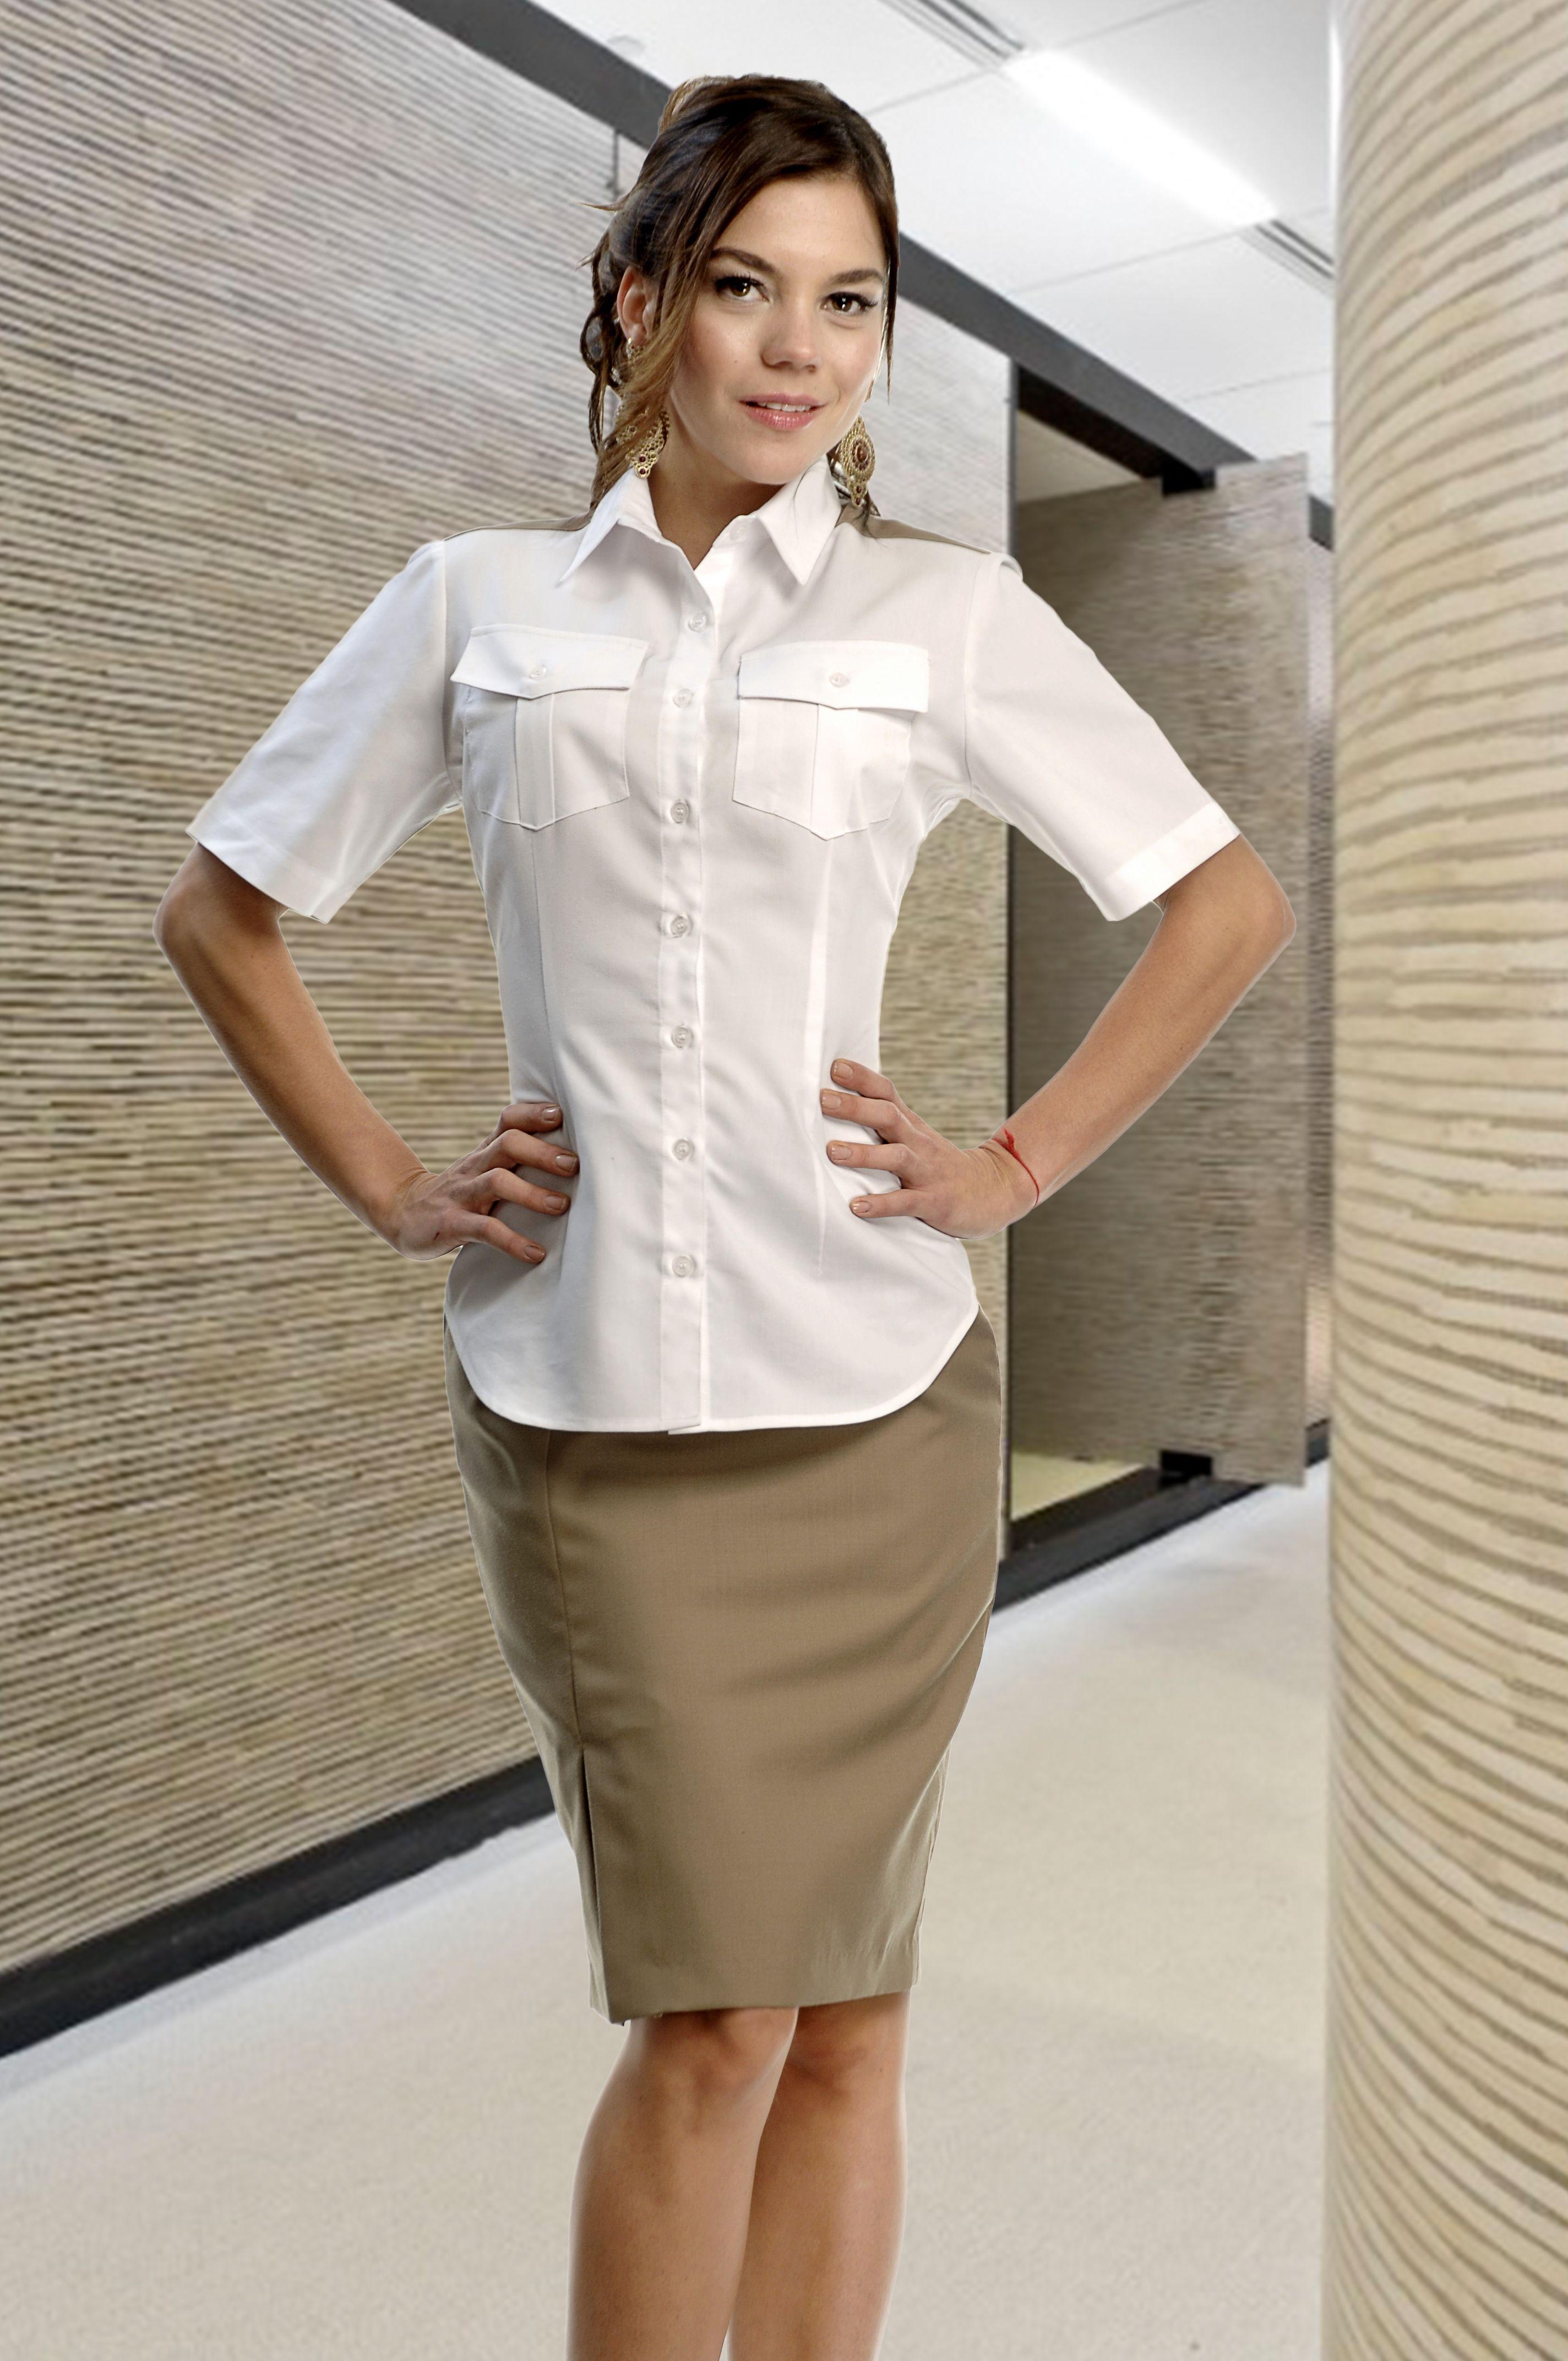 Uniforme de dos piezas ideal para realizar las labores for Spa uniform europe